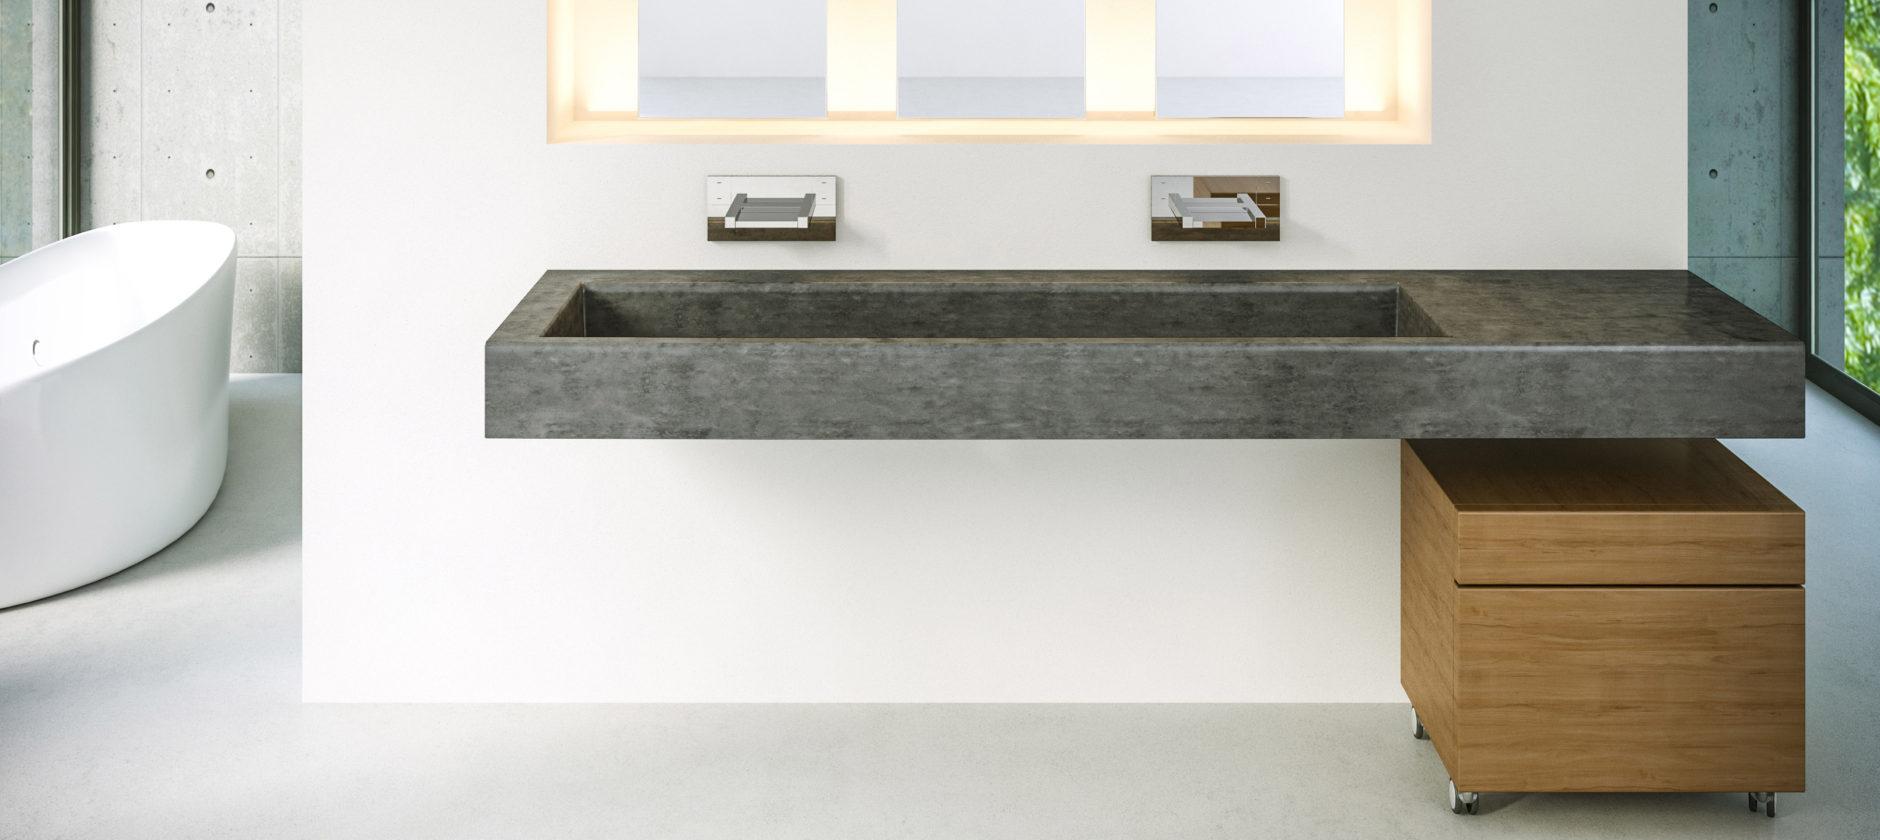 Concrete Vanity Units